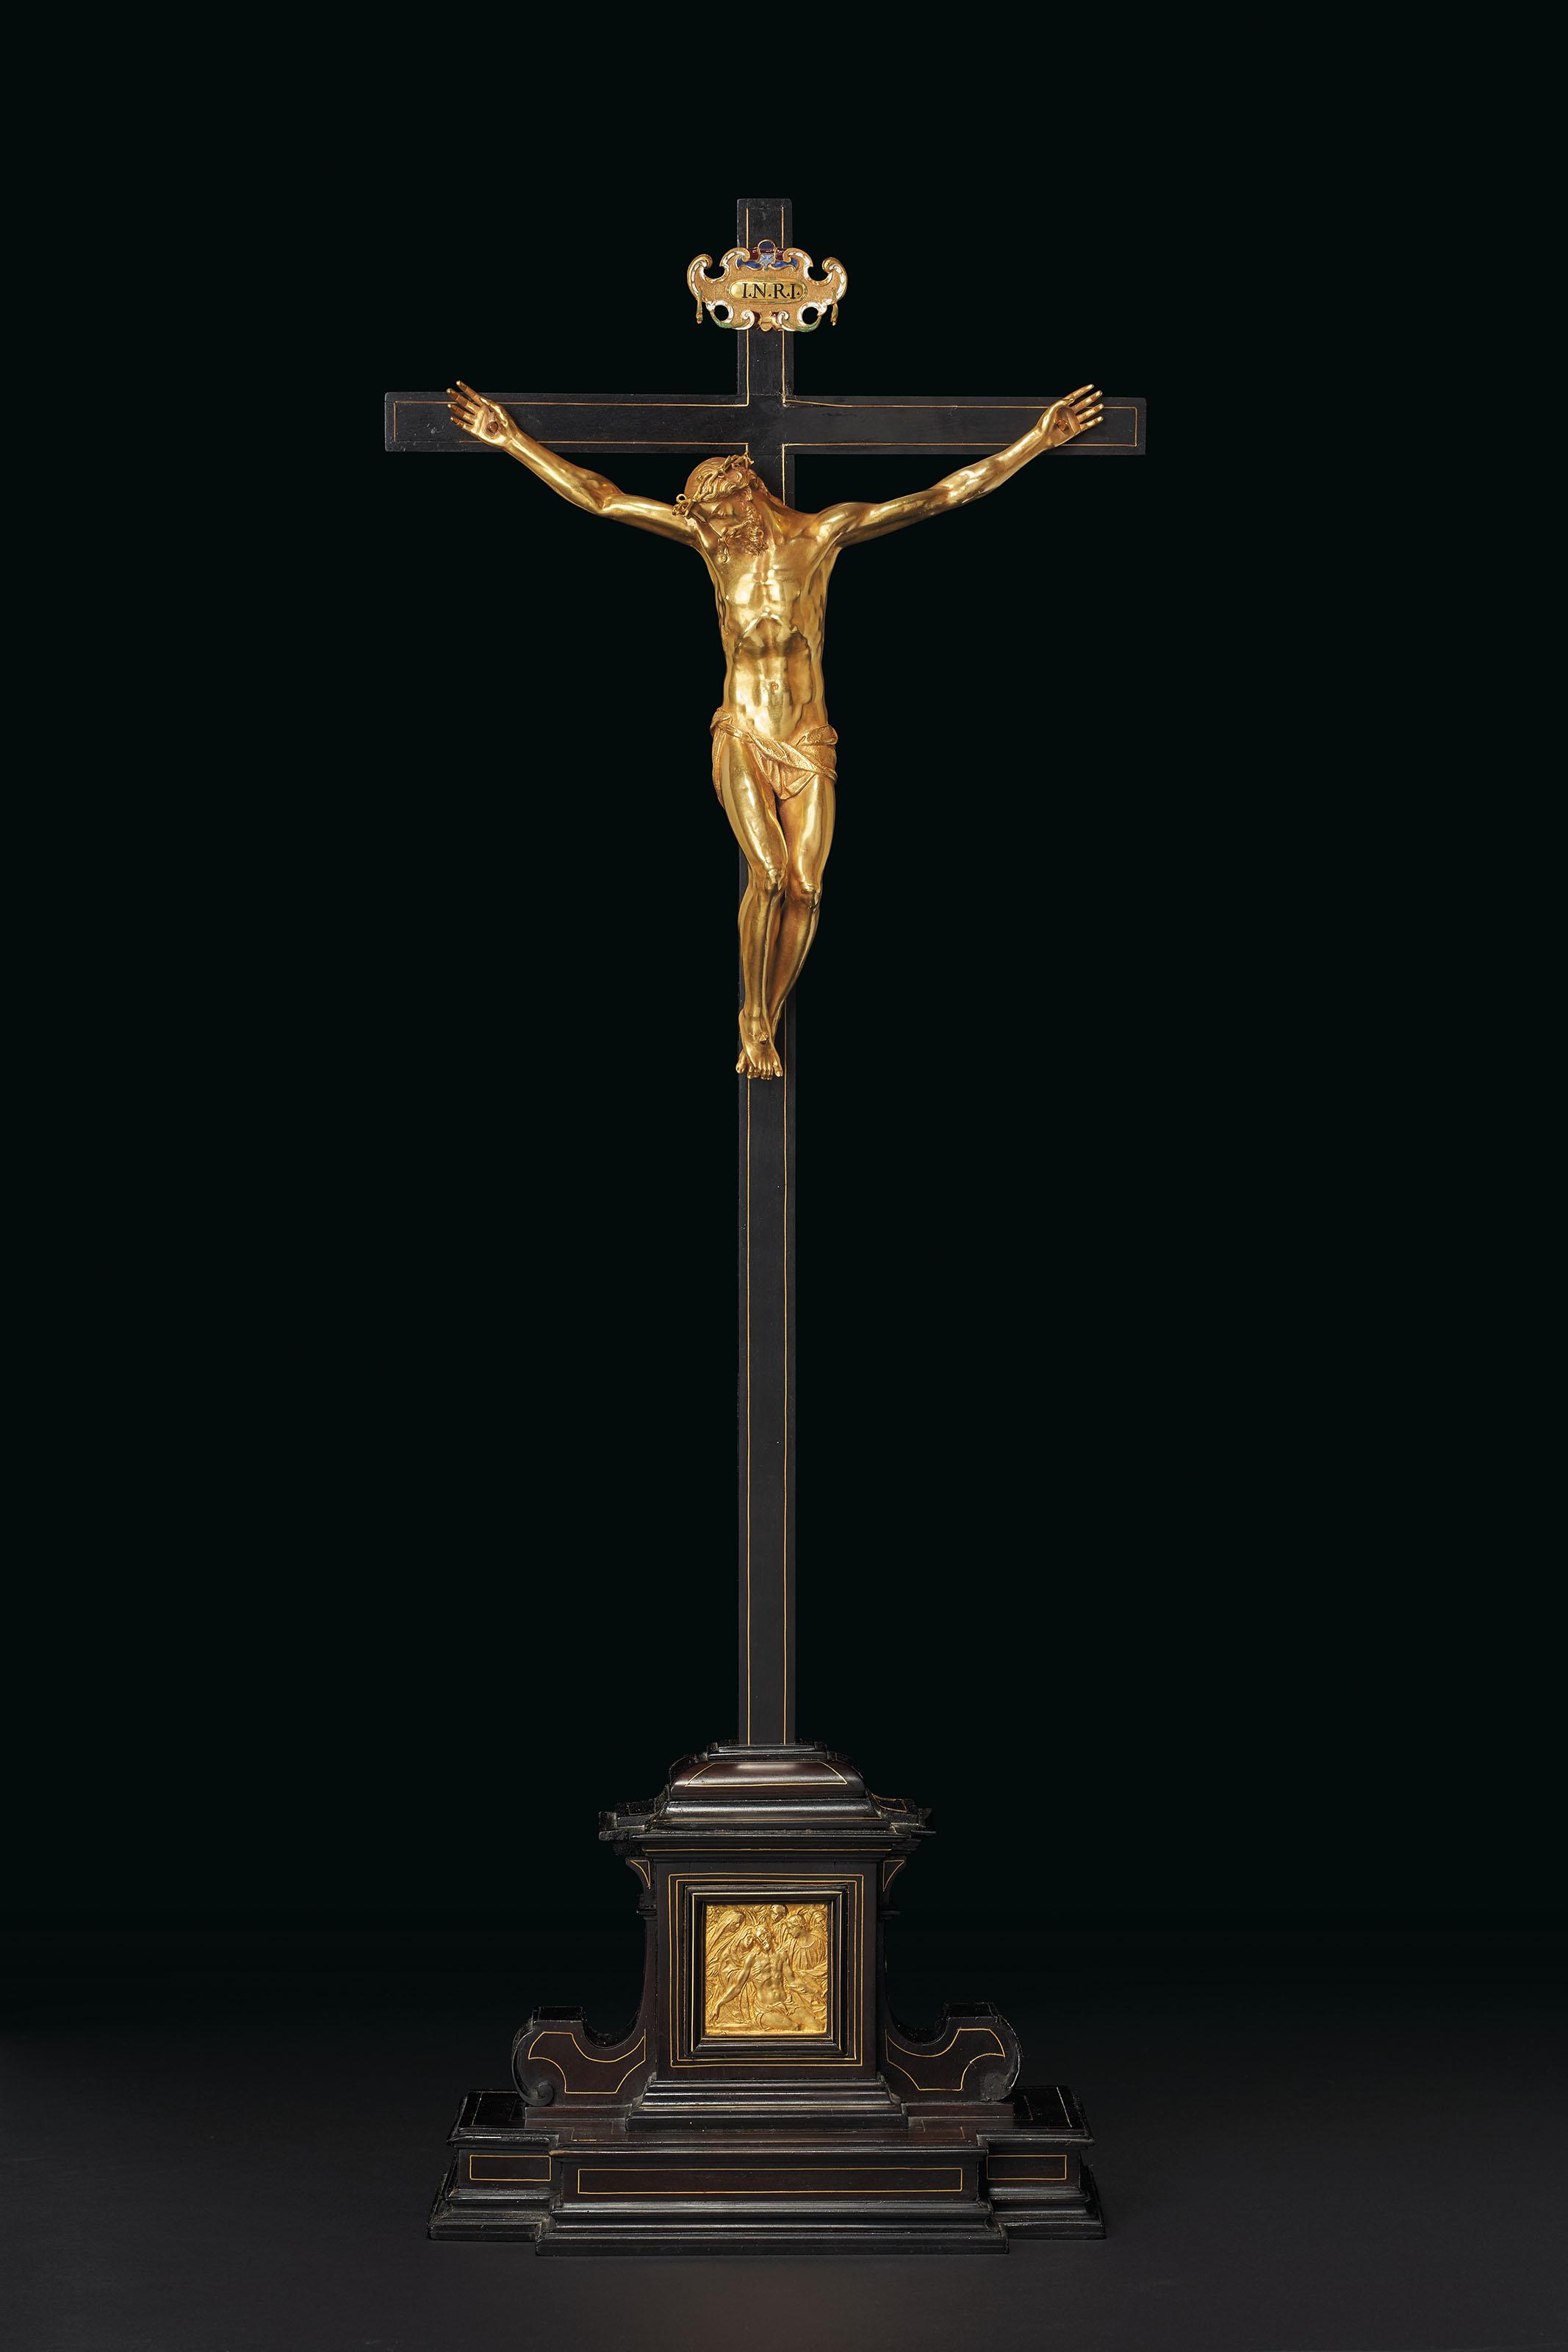 GASPARO MOLA (ACTIVE FLORENCE 1571-1640 ROME), FLORENCE, CIRCA 1597-1606